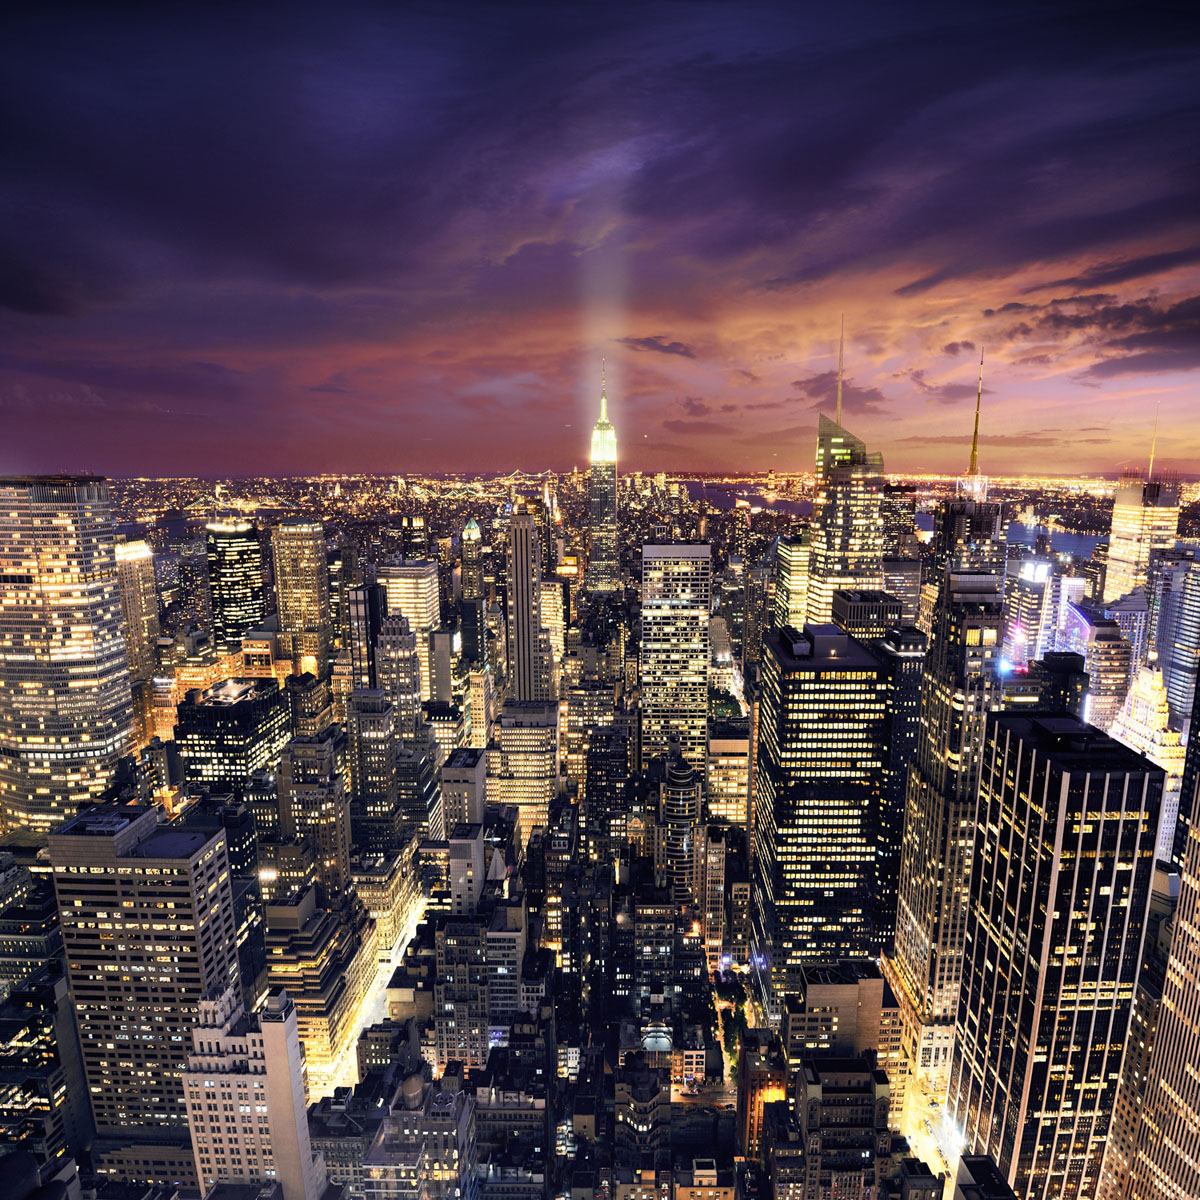 Картина на стекле Postermarket Ночной город, 30 см х 30 смБрелок для ключейКартина на стекле Postermarket - это новое слово в оформлении интерьера. Изделие выполнено из закаленного стекла, что обеспечивает устойчивость к внешним воздействиям, защиту от влаги и долговечность. Картина оформлена красочным изображением ночного города. С задней стороны имеется петелька для подвешивания к стене. Стильный, современный дизайн, а также яркие и насыщенные цвета сделают эту картину прекрасным дополнением интерьера комнаты.